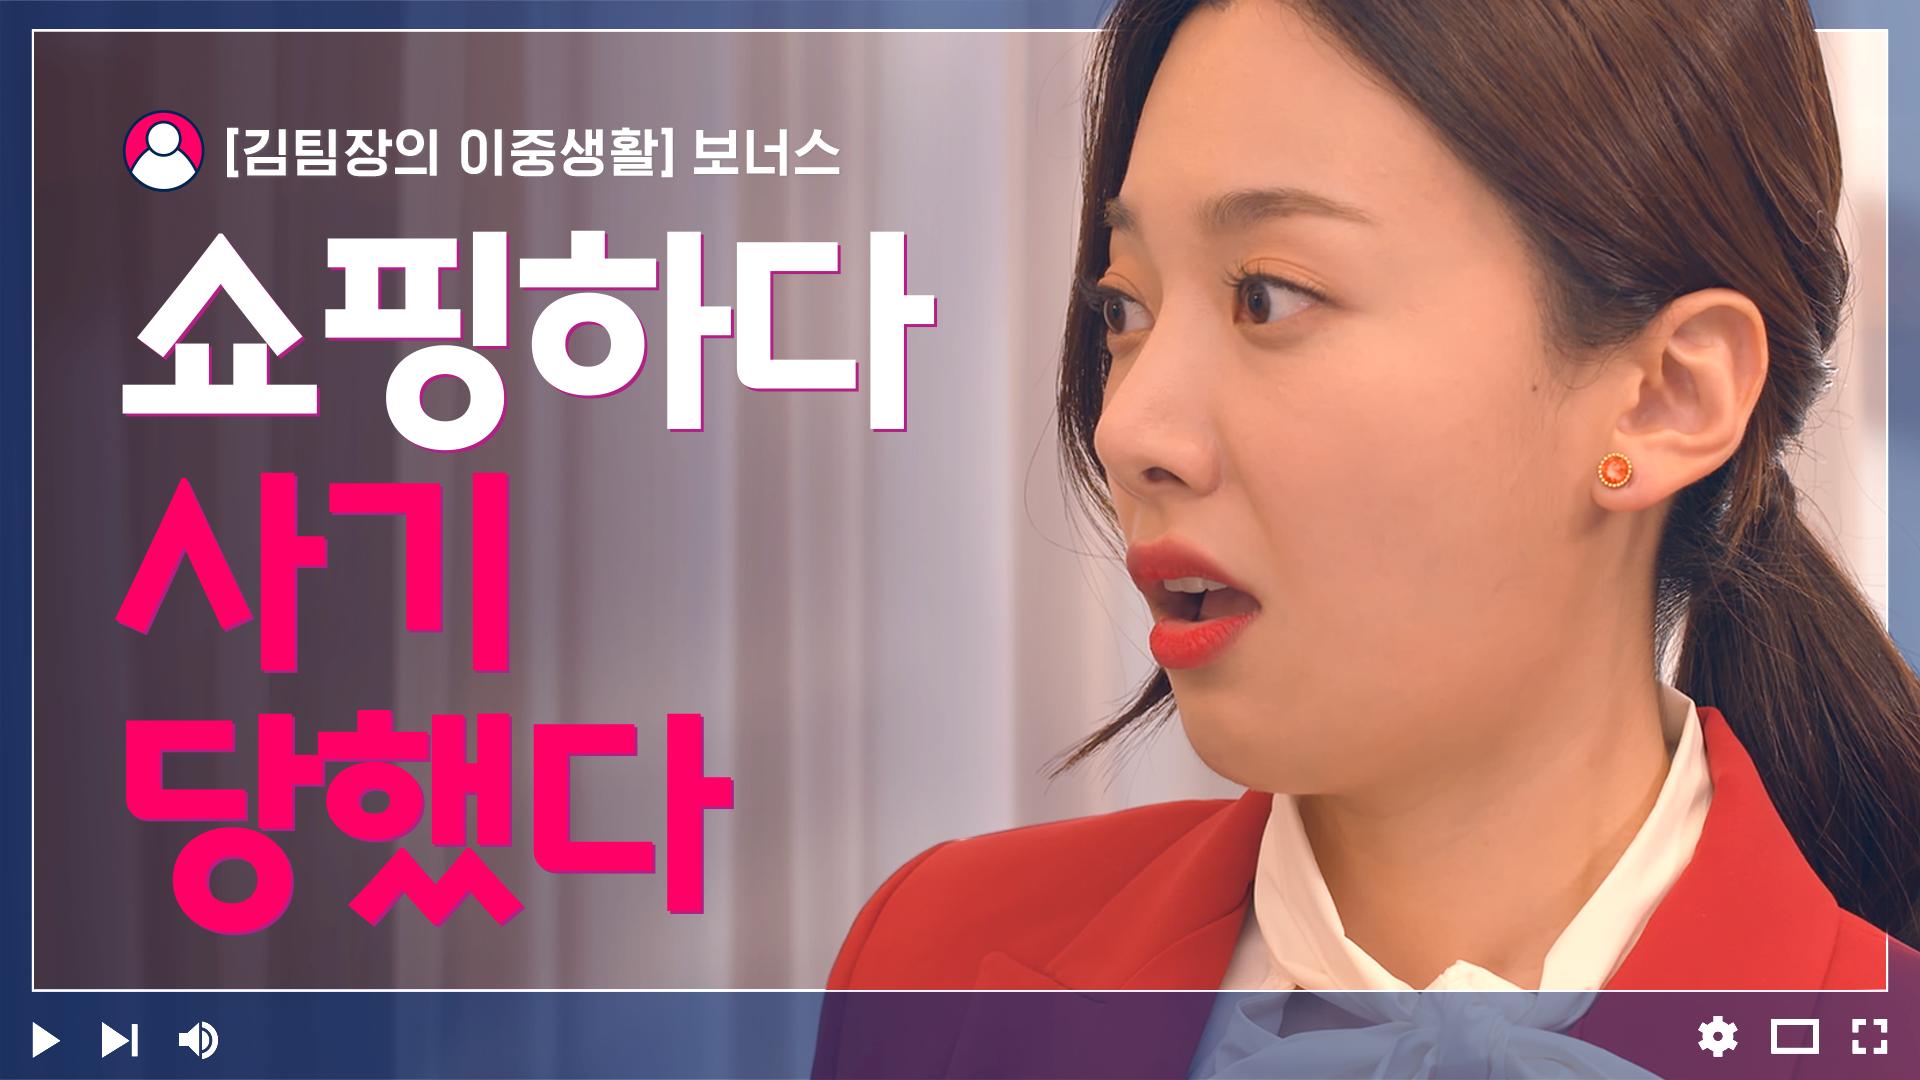 인터넷 거래 사기 피하는 법.avi [김팀장의 이중생활 : 소비편] 보너스 영상